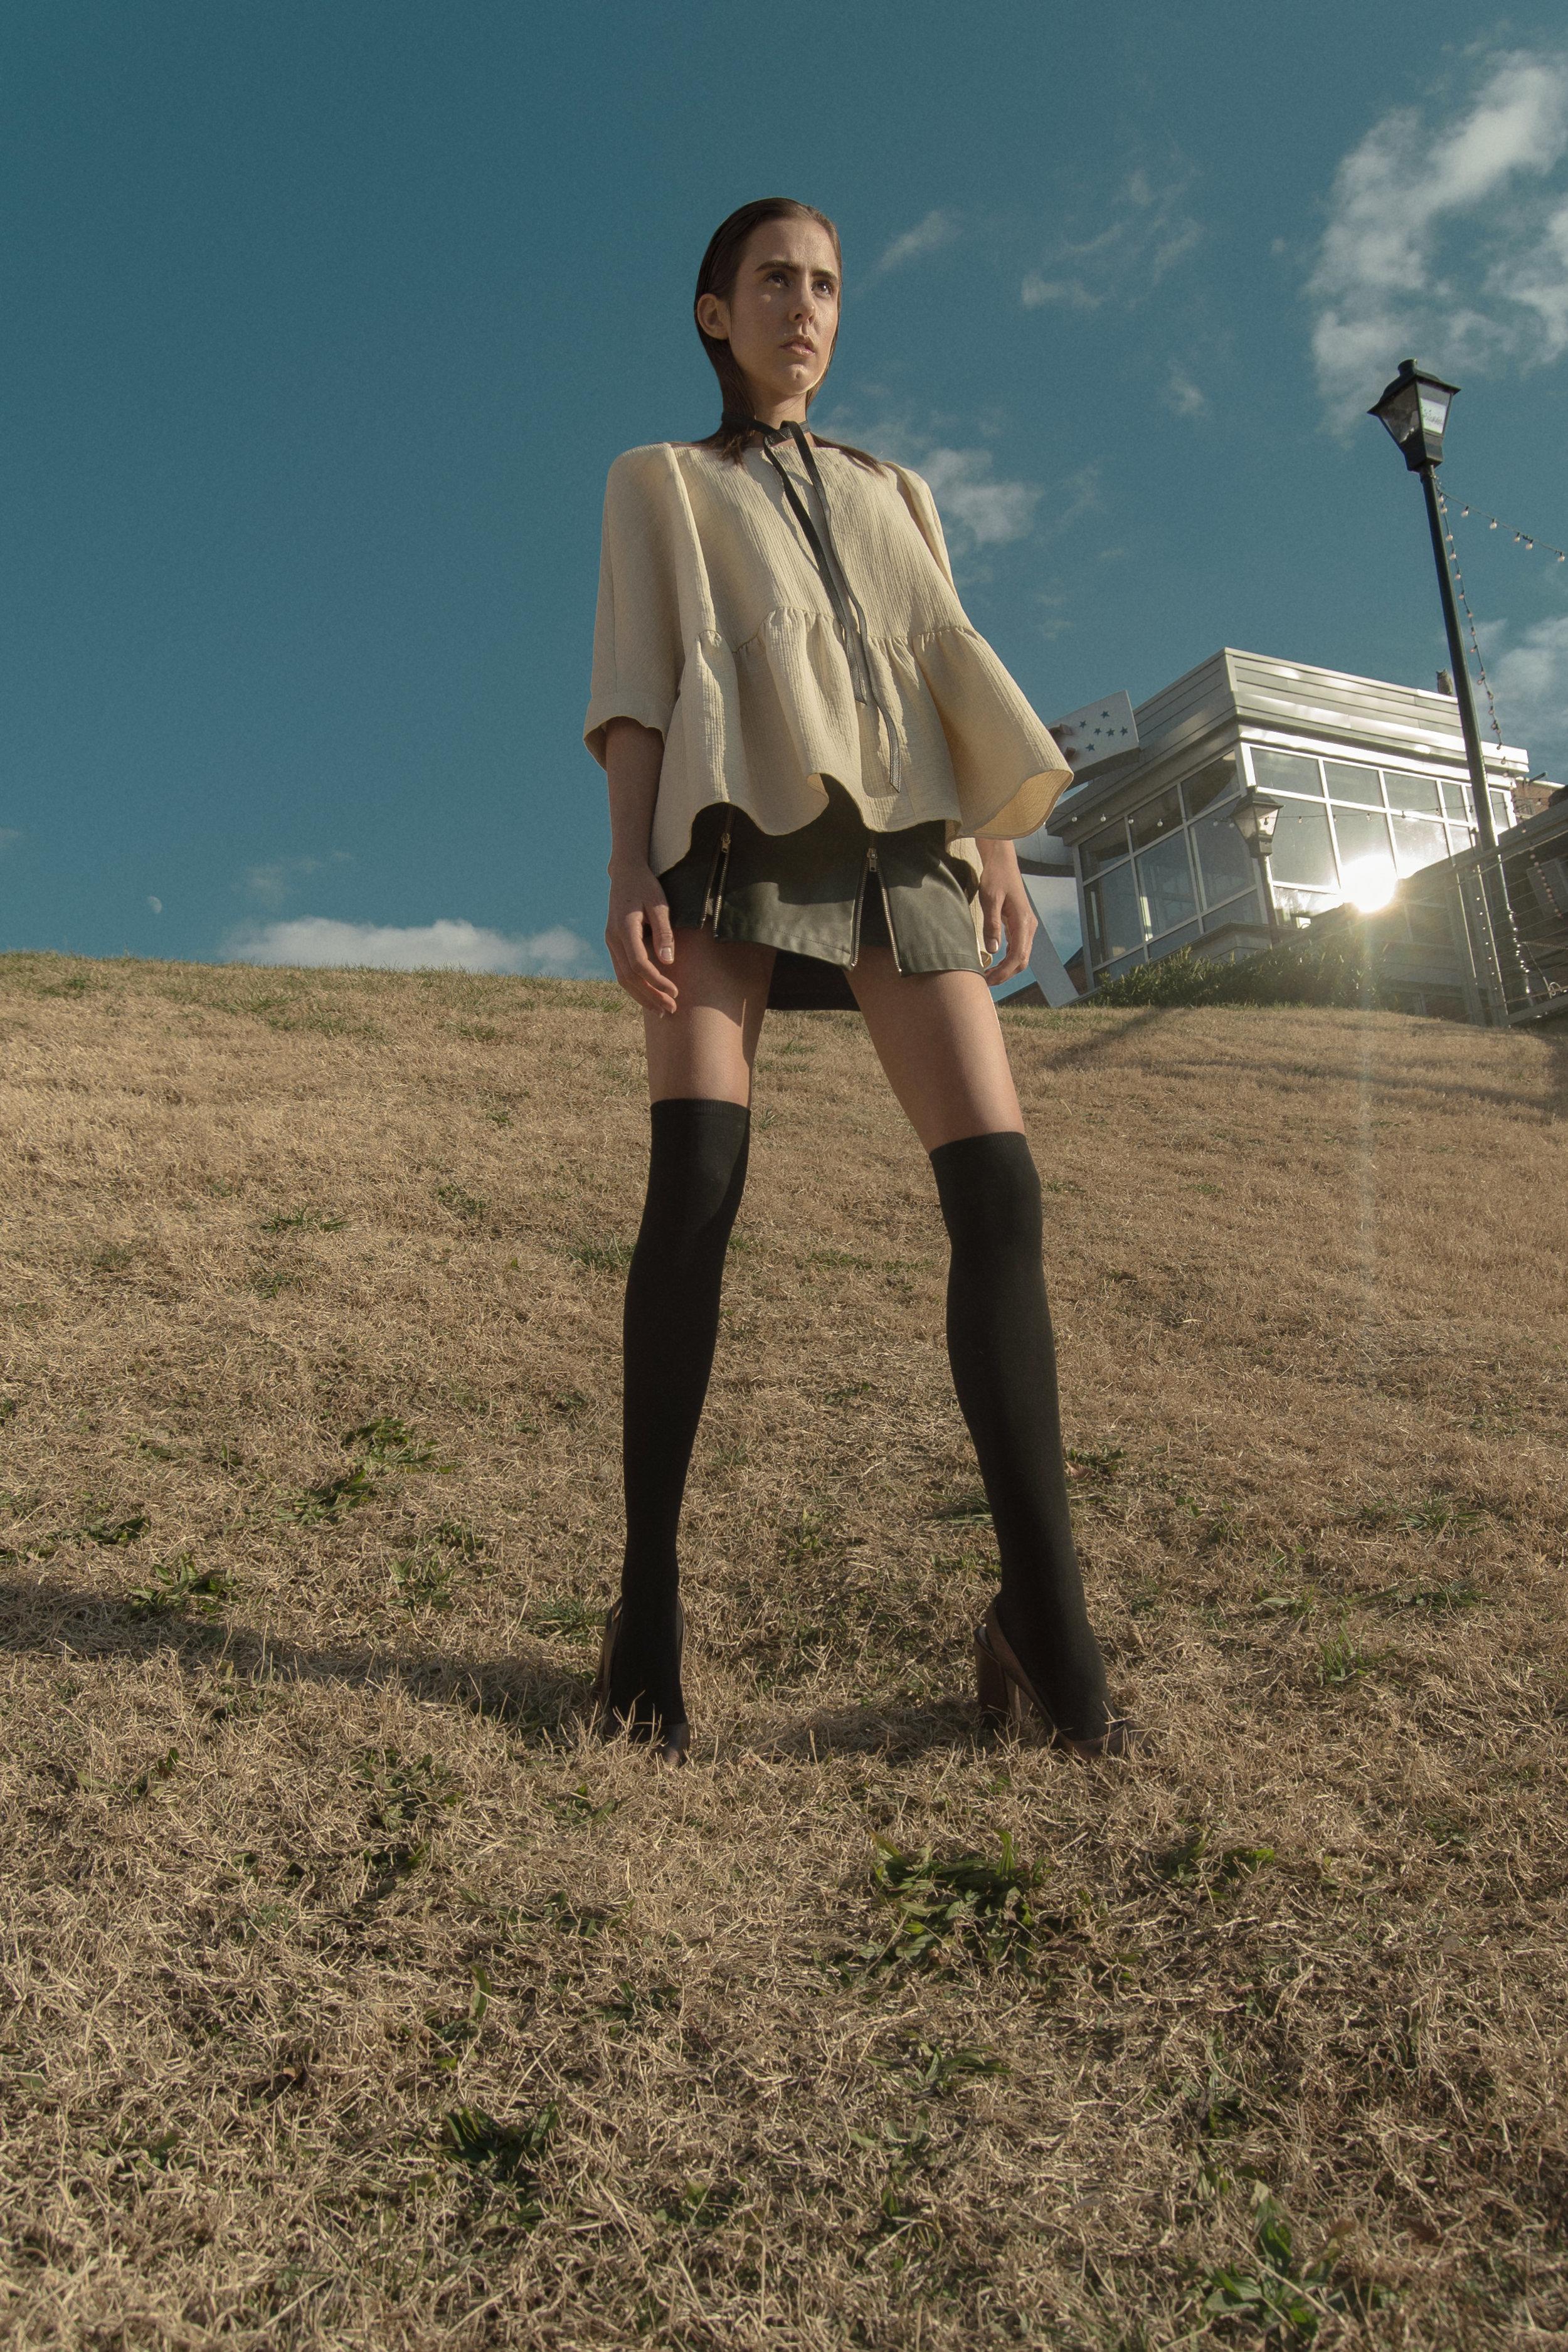 Blair-Rachel-Look5 (1 of 1)final.jpg